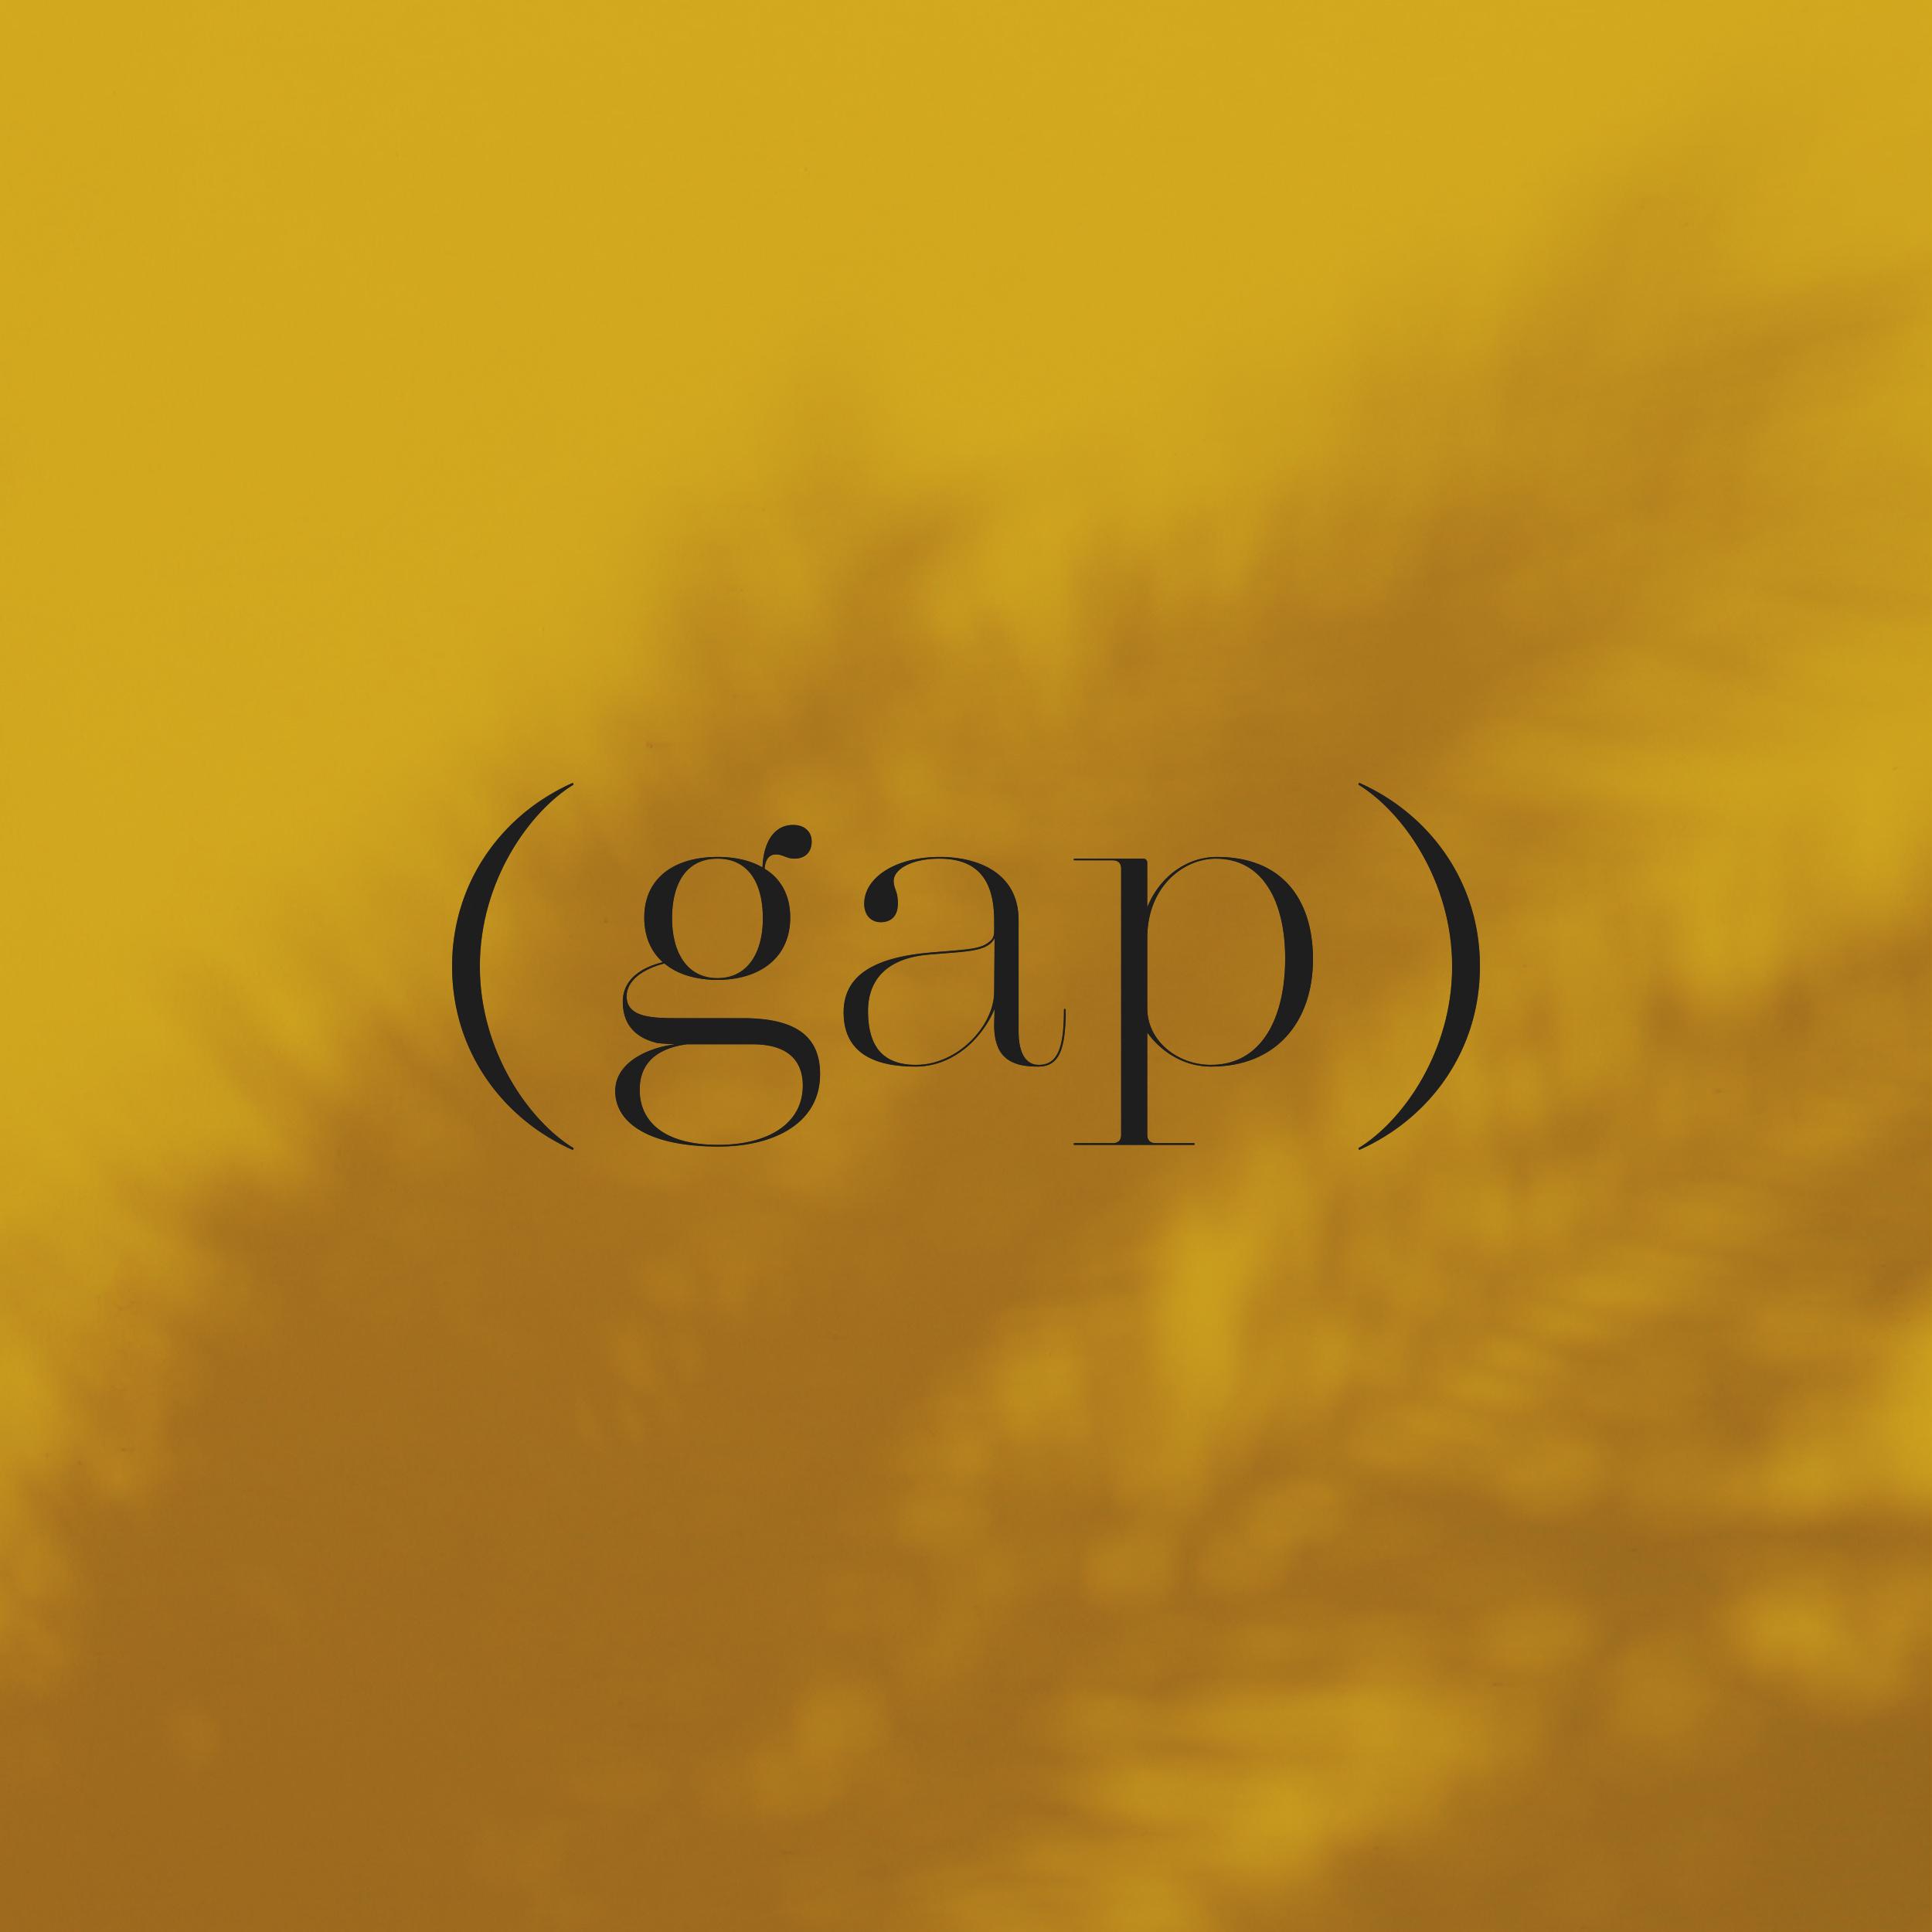 Vestida de flores - Diseño de Logotipo y Web para (Gap)